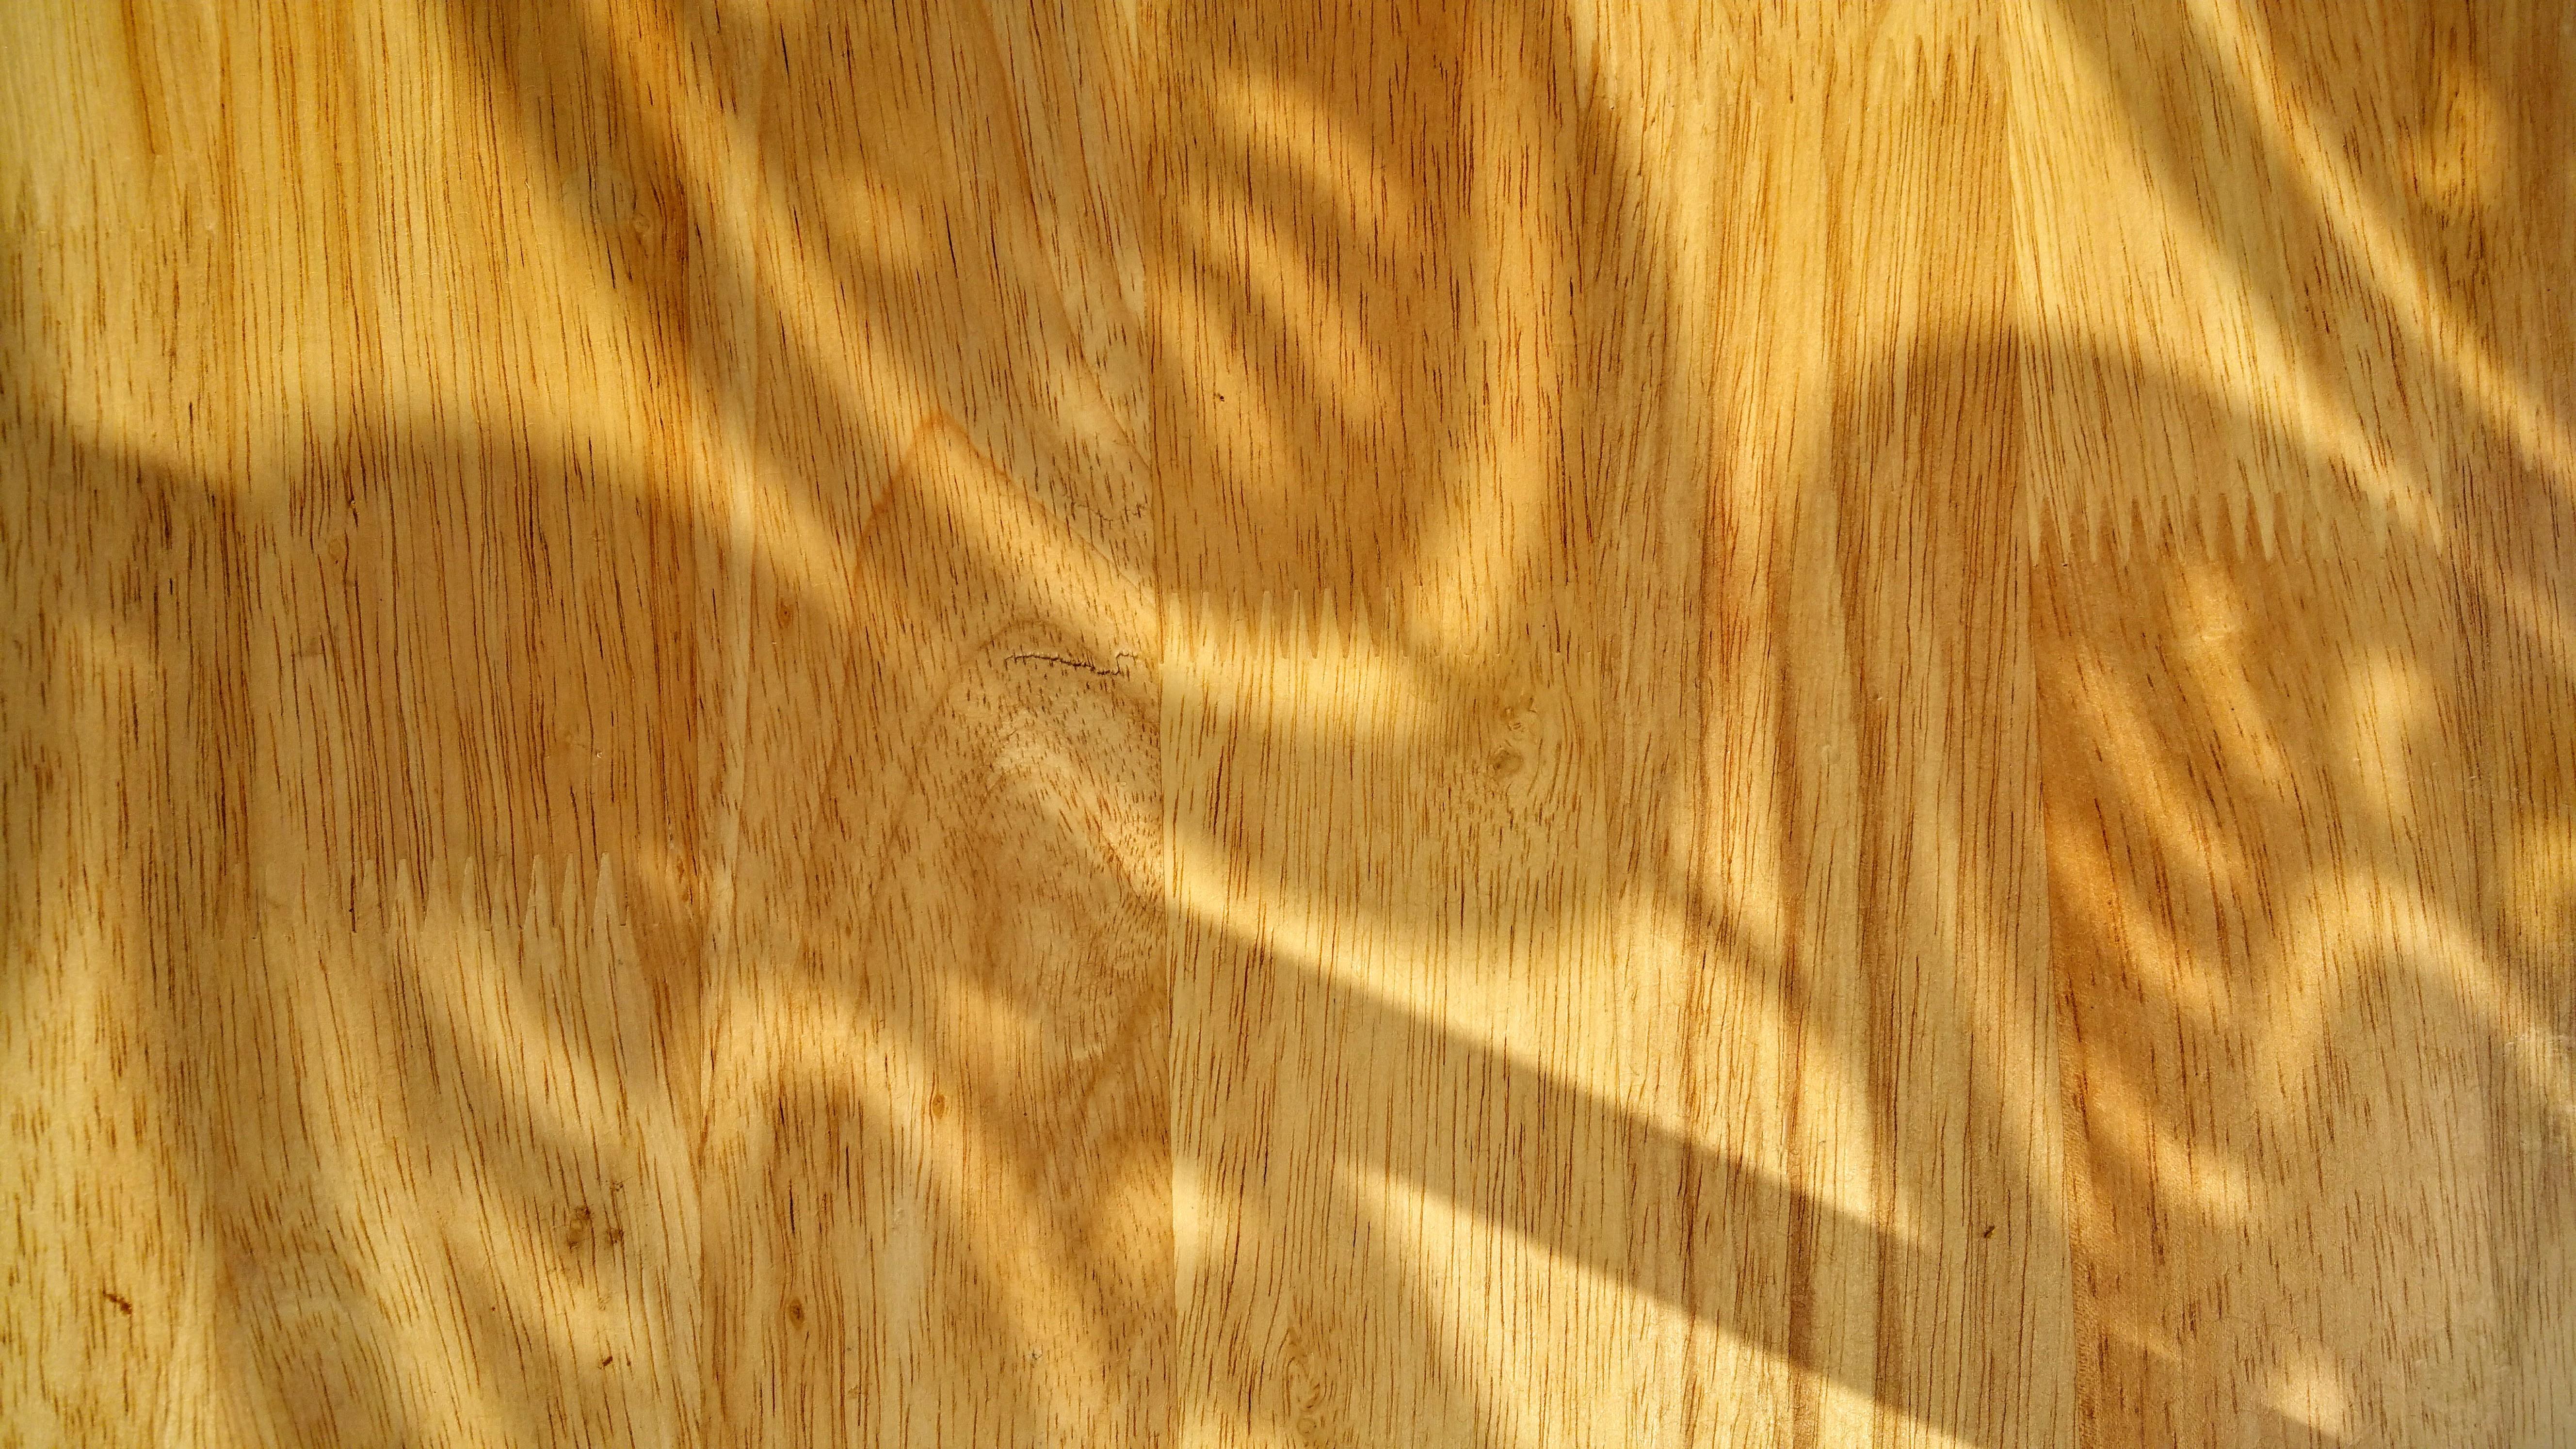 Gratis afbeeldingen : licht abstract hout zonlicht structuur